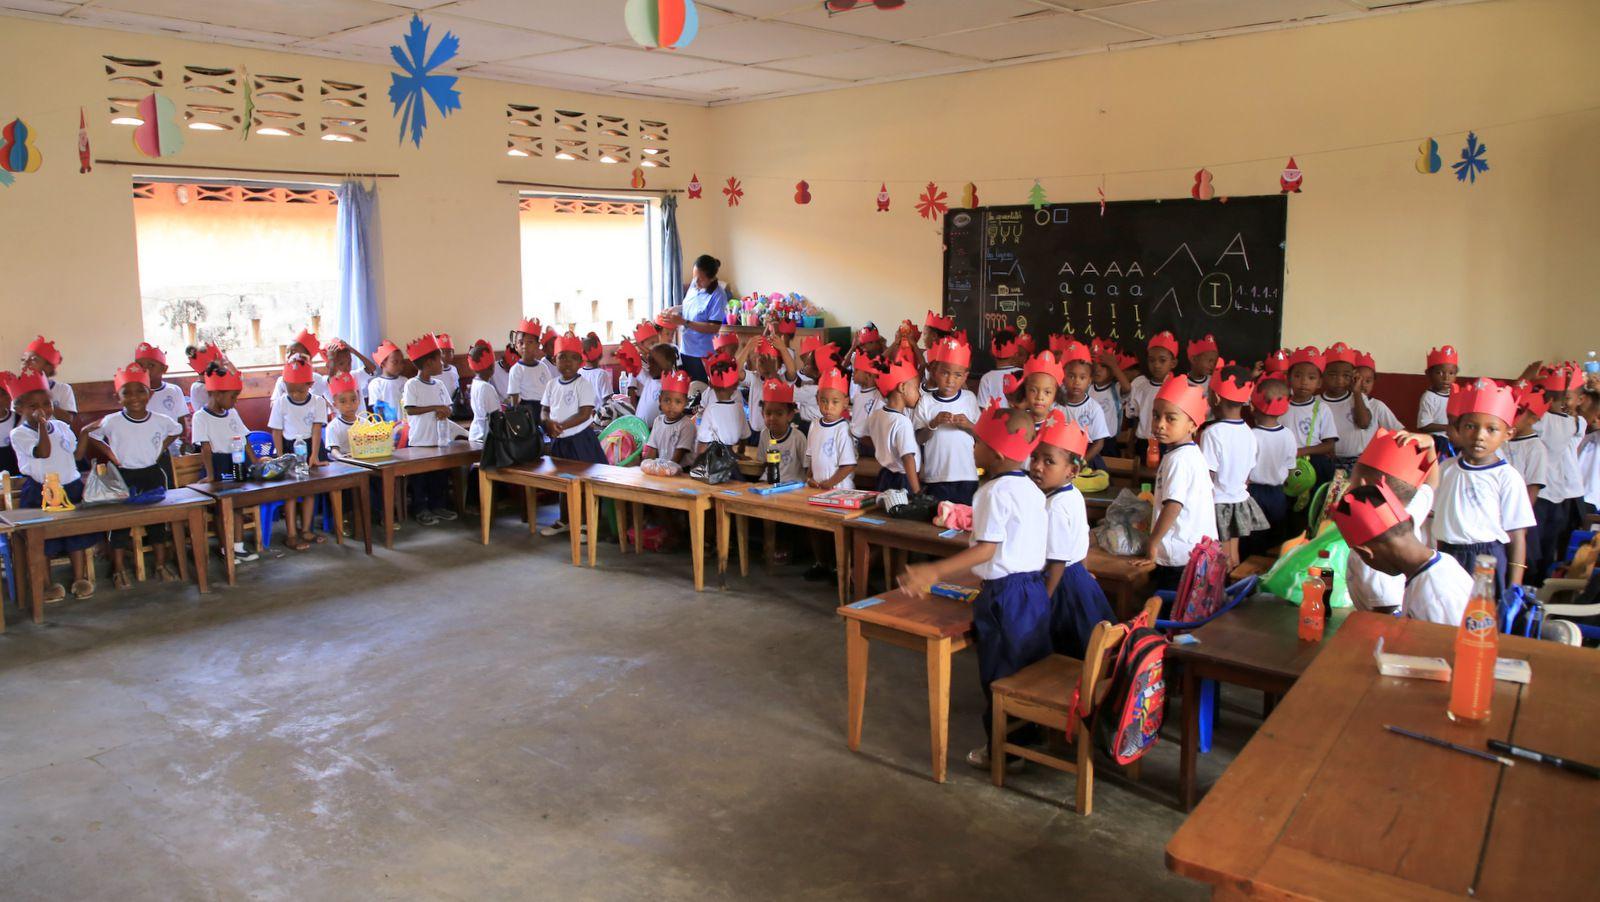 LES ACTIONS DE CŒUR DU MONDE À MADAGASCAR, NOVEMBRE 2020